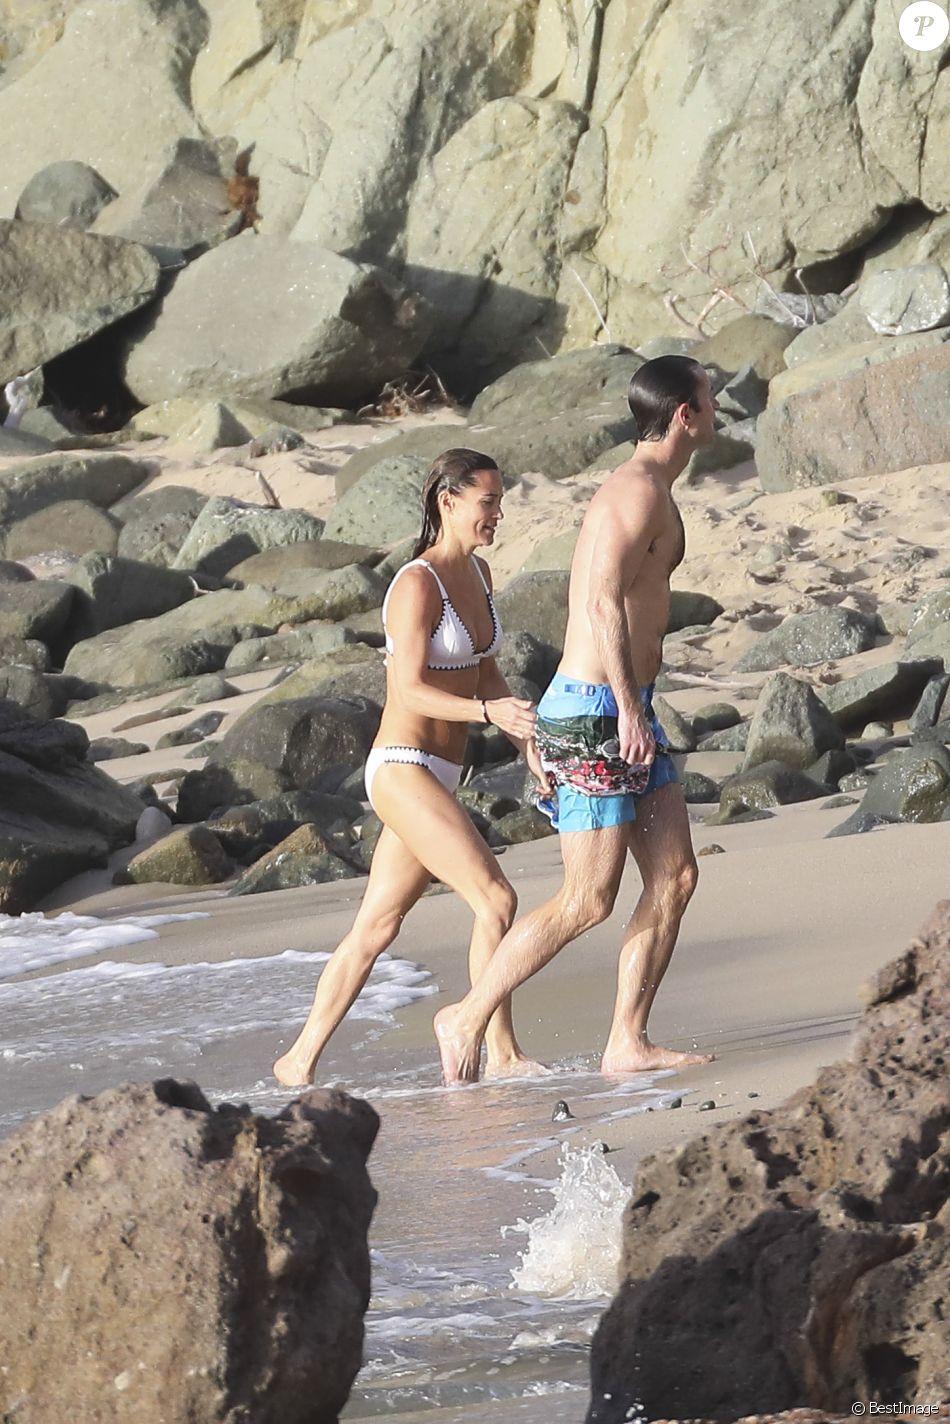 Pippa Middleton et son mari James Matthews profitent d'une baignade en amoureux sur la plage de Colombier à Saint-Barthélemy, Antilles françaises, le 2 janvier 2019.